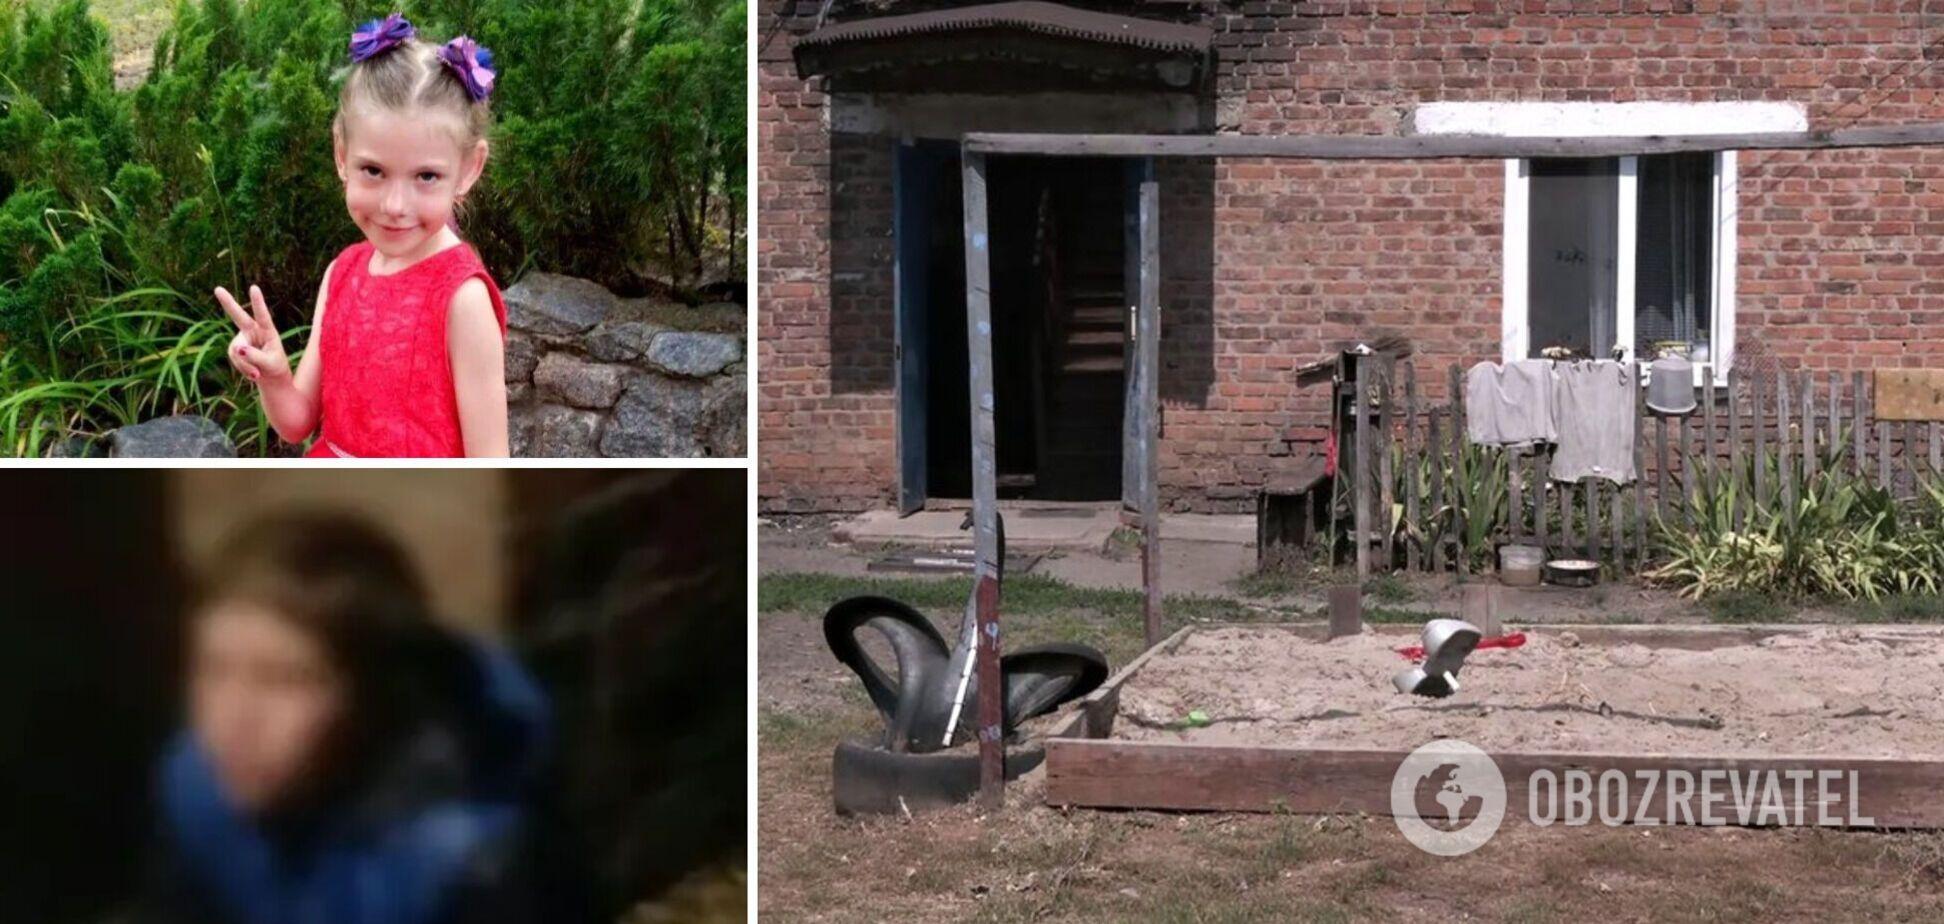 Підліток був п'яний: спливли нові деталі вбивства 6-річної дівчинки на Харківщині